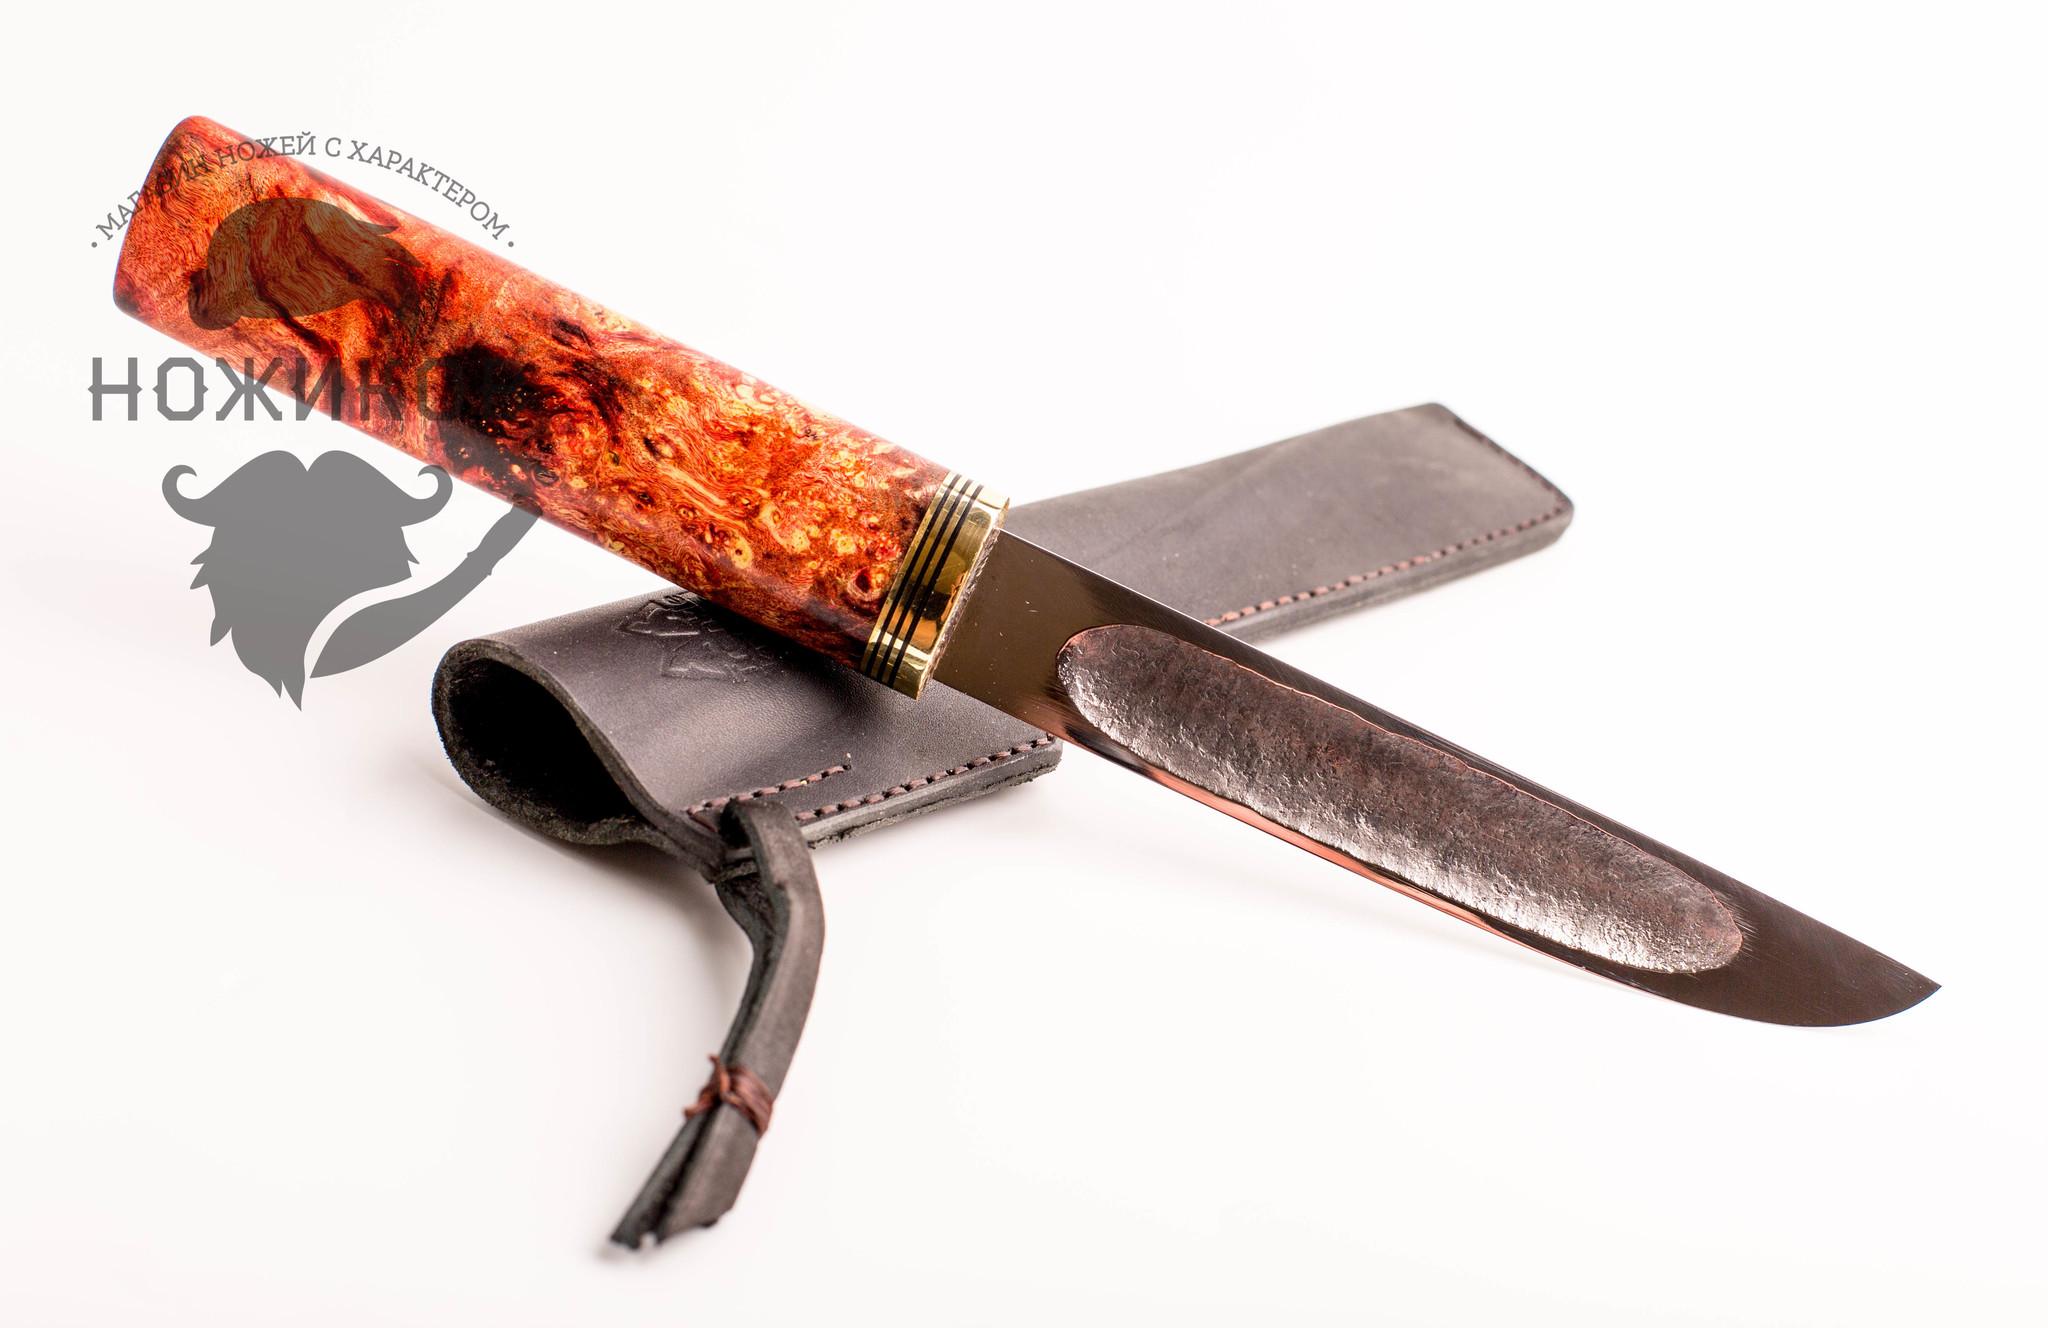 Авторский якутский нож из стали ШХ15, среднийАвторская мастерская Trenkle Knives<br>Ручная работа, погрешность в размерах может достигать 10 мм. Цветовая гамма на ручке так же может отличаться<br>